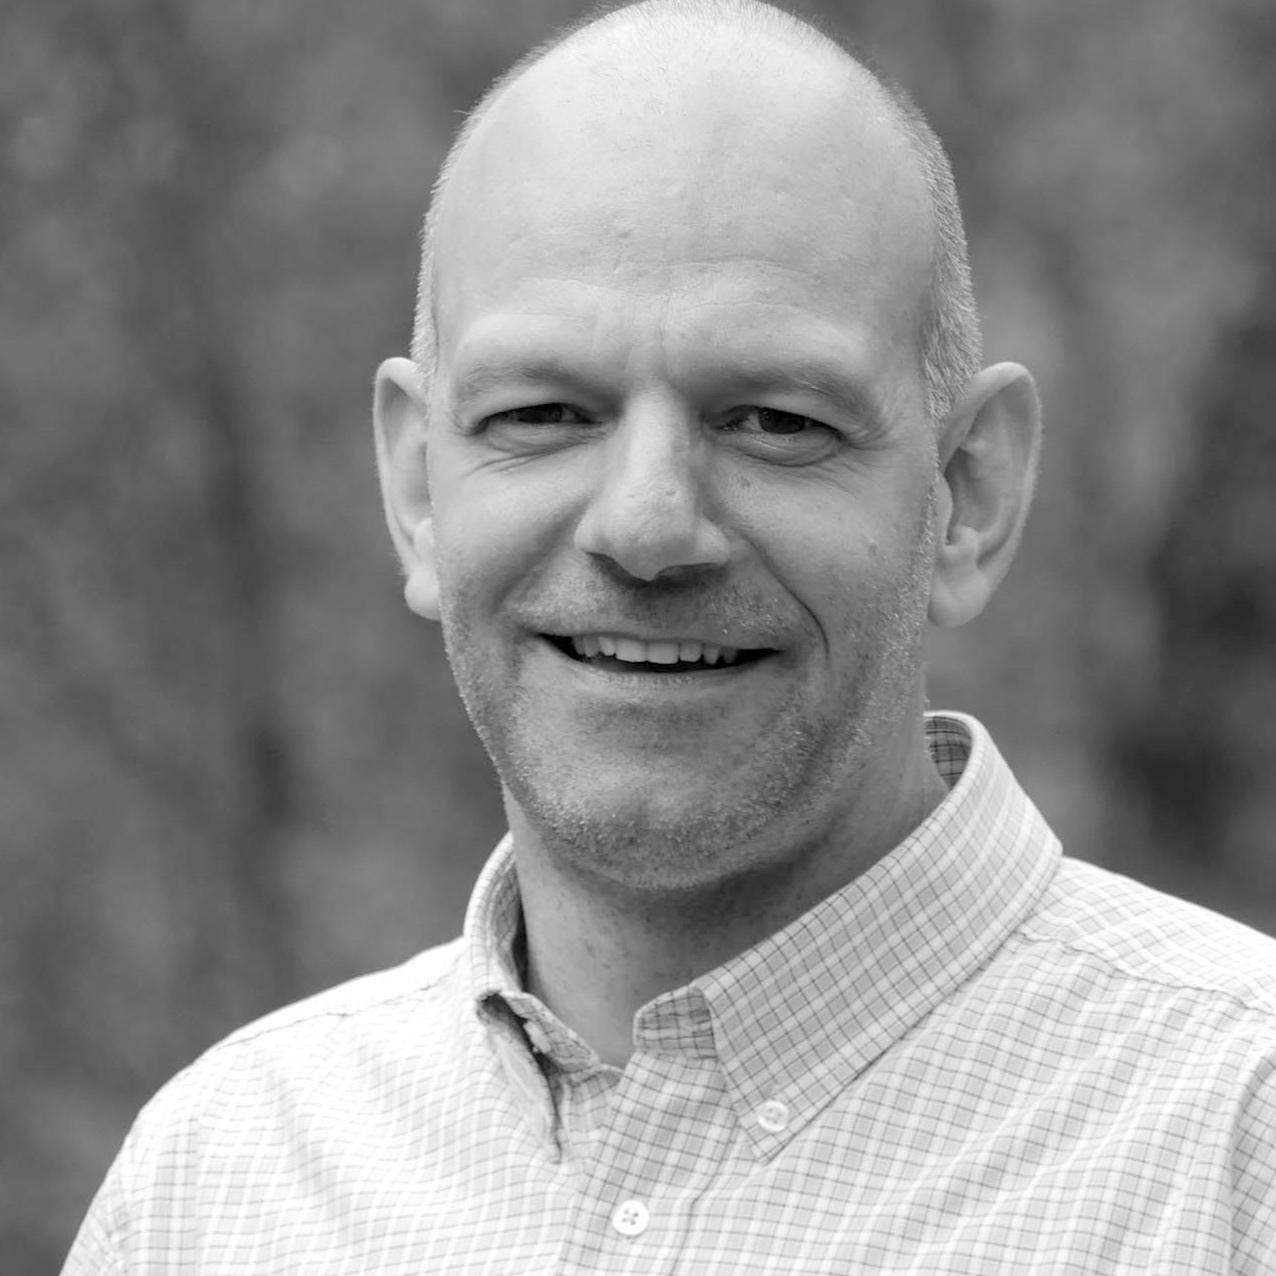 Lukas Amstutz  Mennonitischer Theologe (MA, University of Wales). Seit vielen Jahren unterrichtet er Friedenstheologie, Dozent und Leiter des Bildungszentrums  Bienenberg, Schweiz